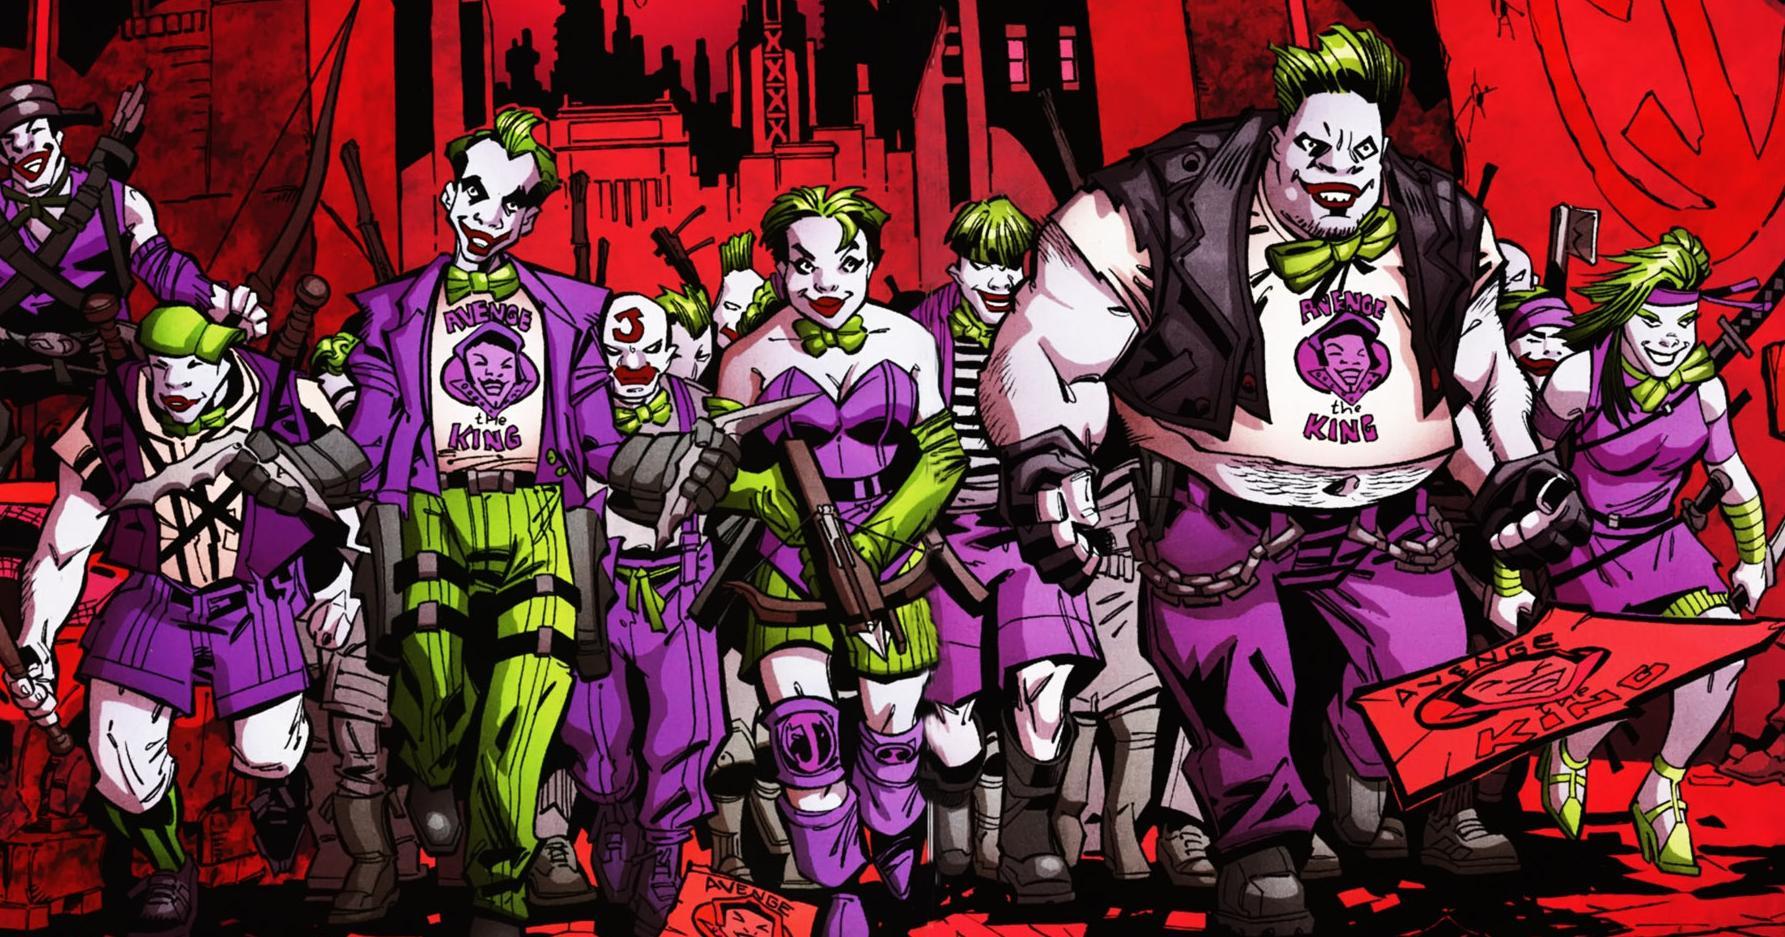 Batman Lost in DC-Earth 2050 - Jericho 1386488-jokerz